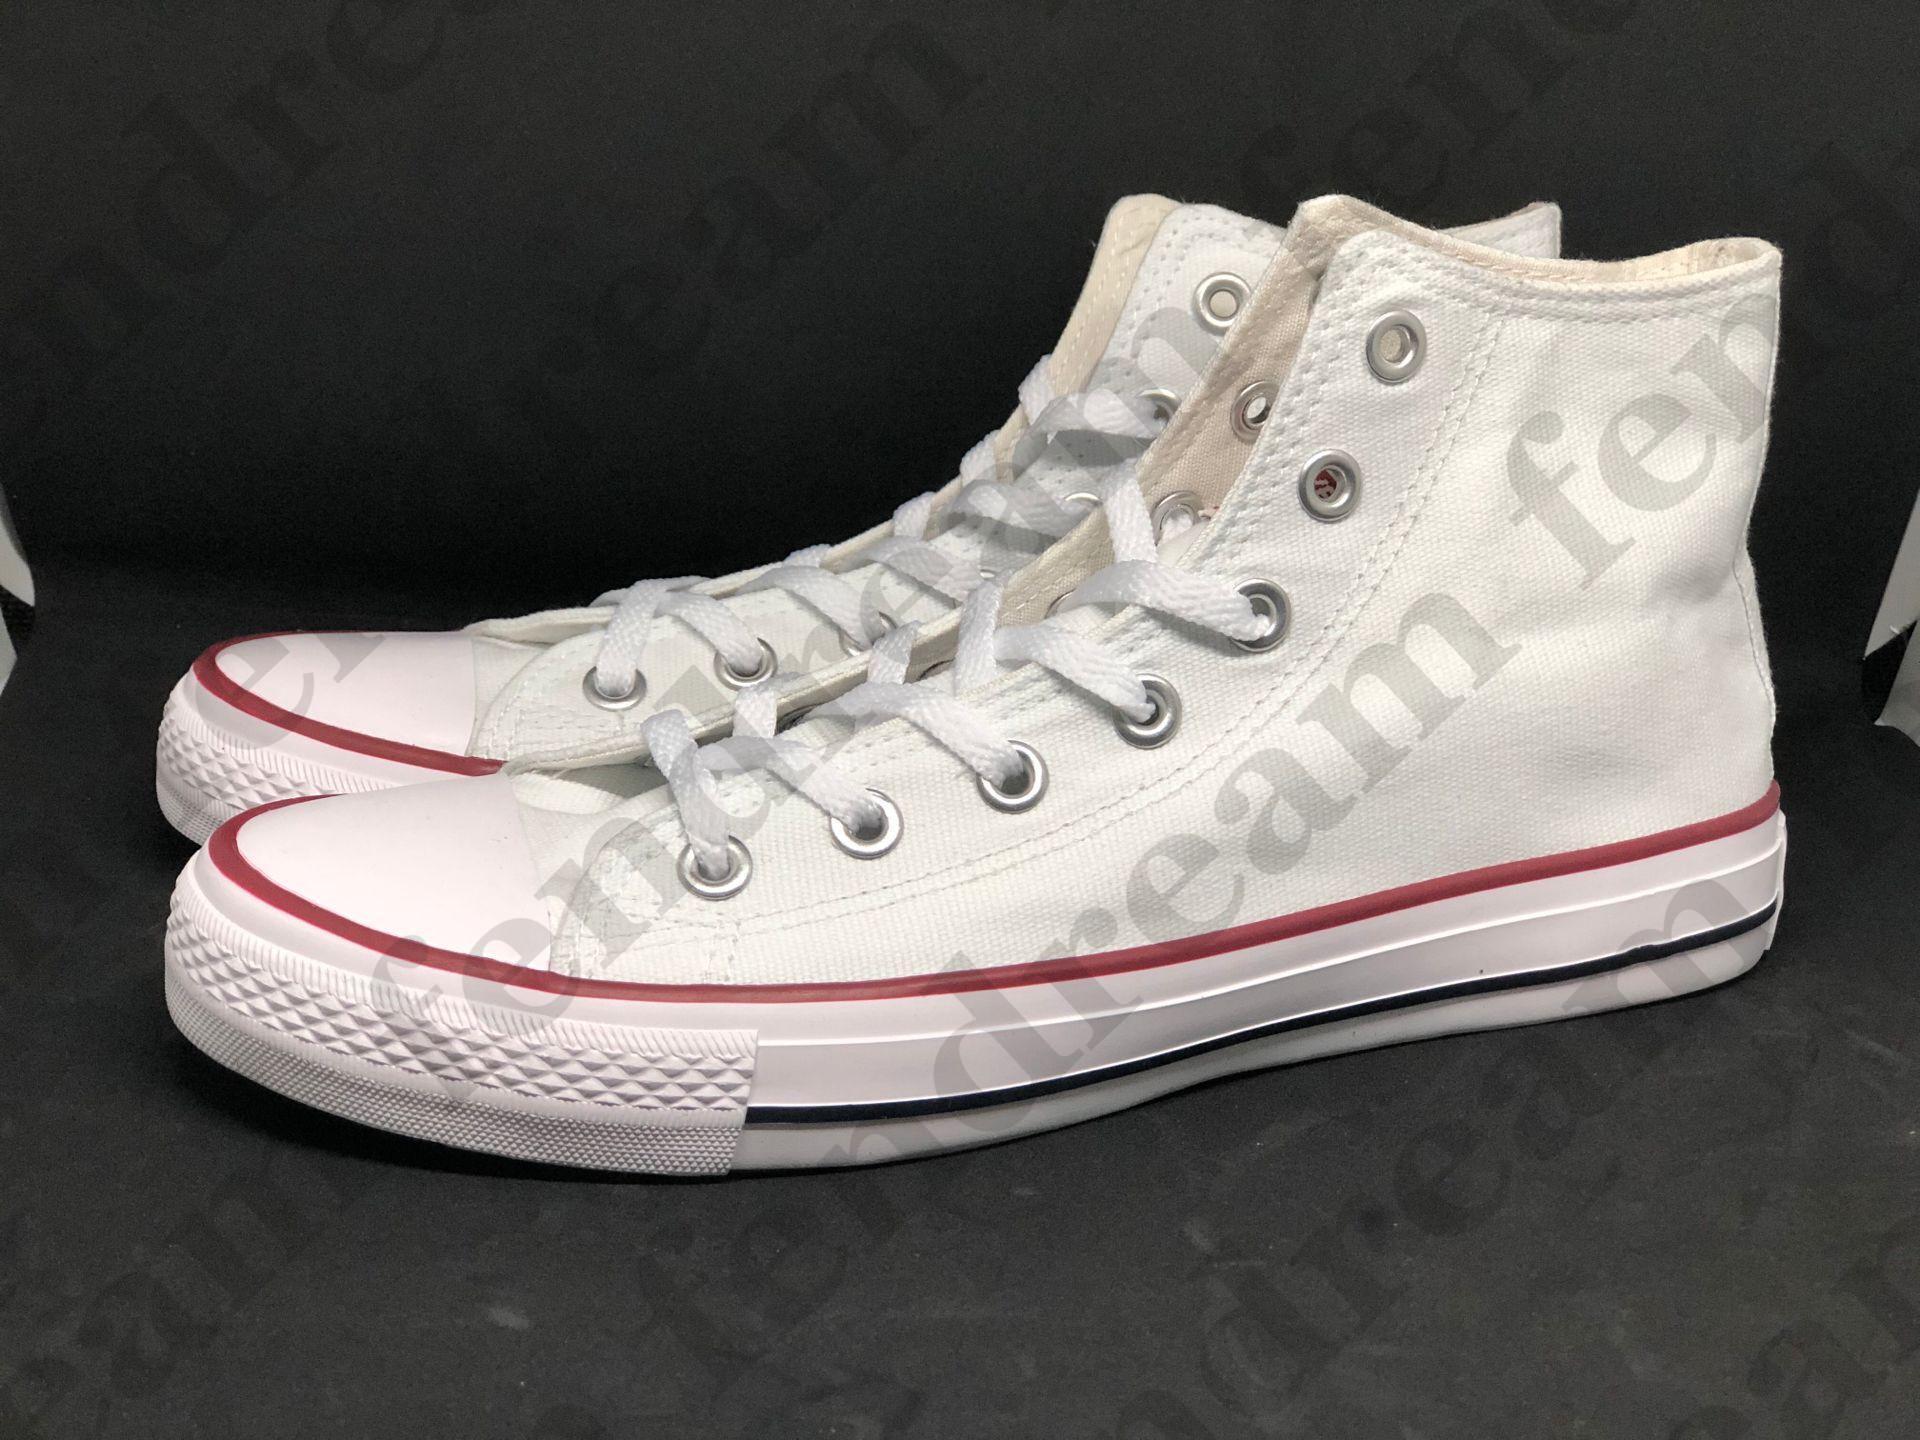 Drop Classic Unisex High-Top Mujeres Adult Hombres Lienzo Zapatos 13 Colores Ardiente Estudiante Casual Cómodo Zapato Plano